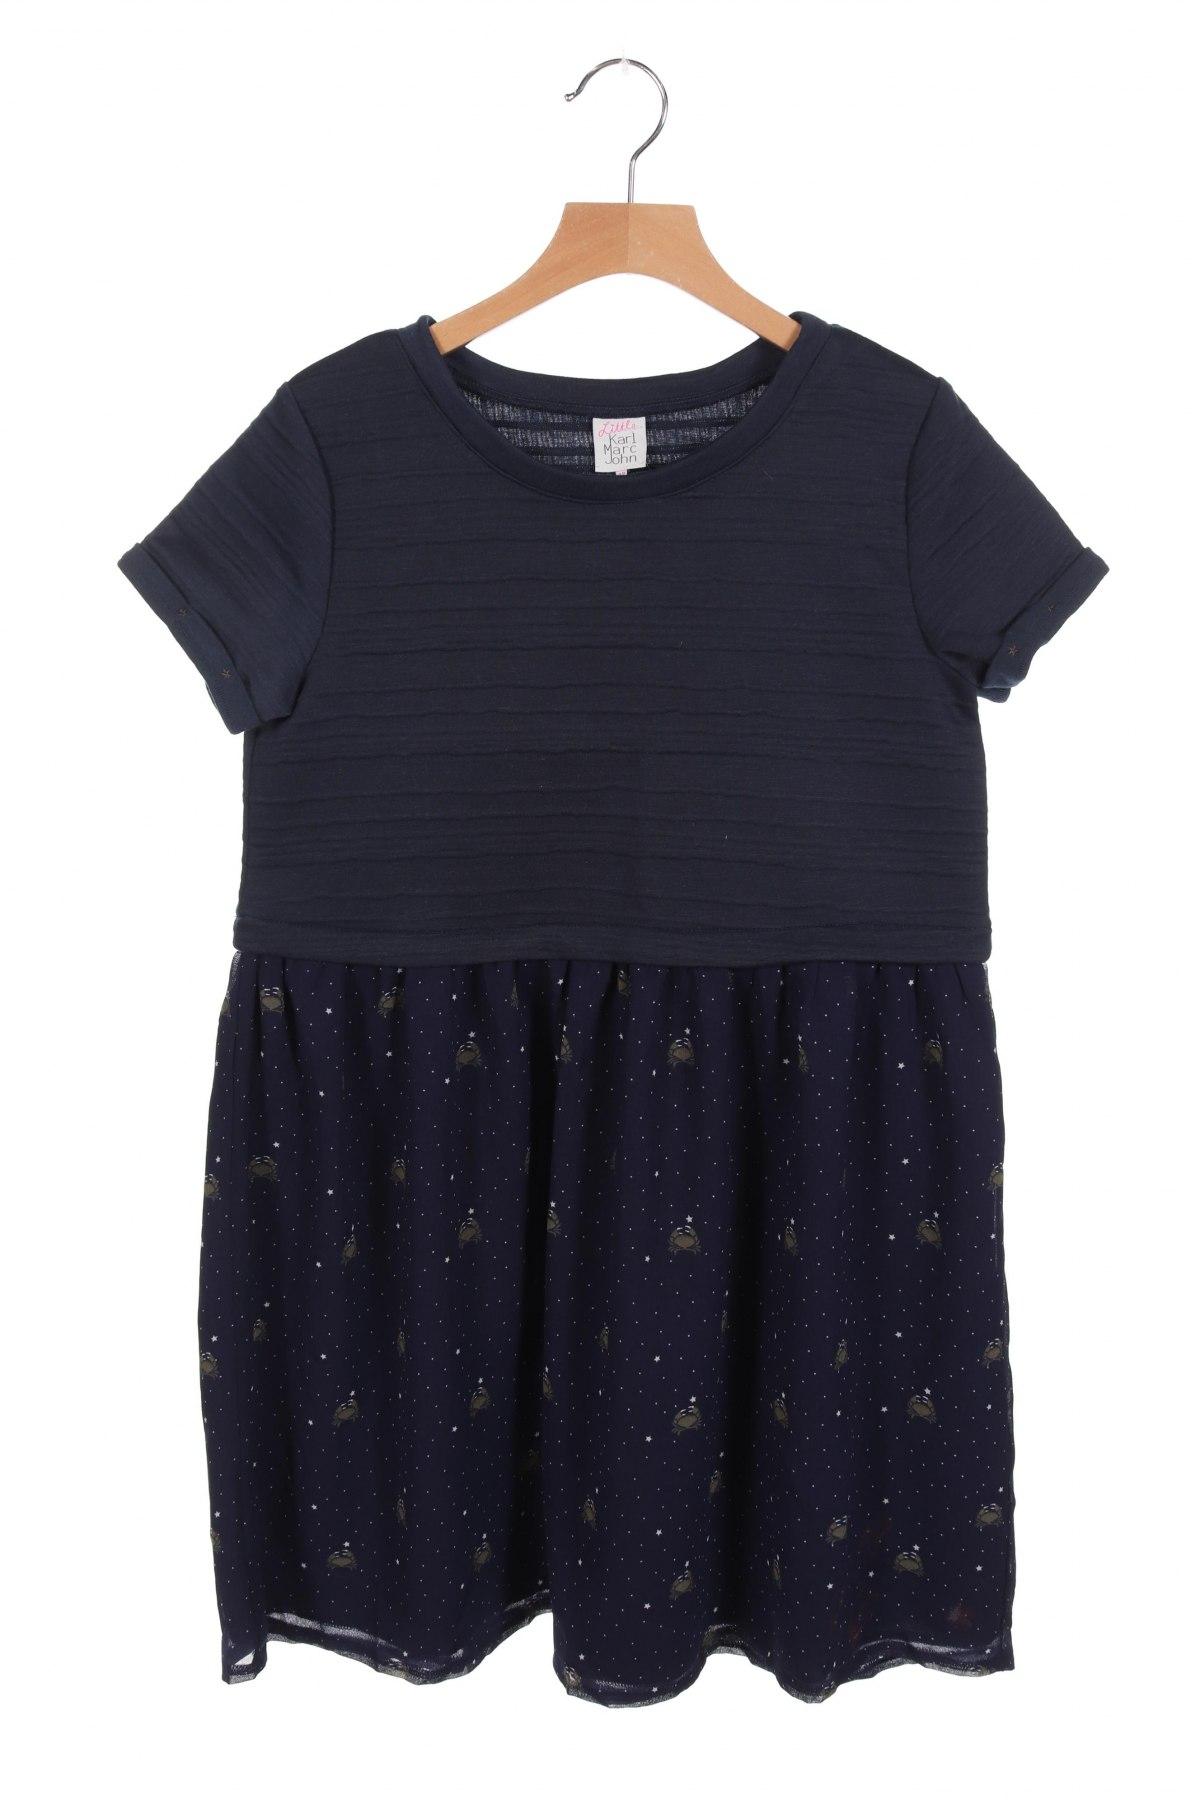 Παιδικό φόρεμα Karl Marc John, Μέγεθος 11-12y/ 152-158 εκ., Χρώμα Μπλέ, Πολυεστέρας, Τιμή 17,79€